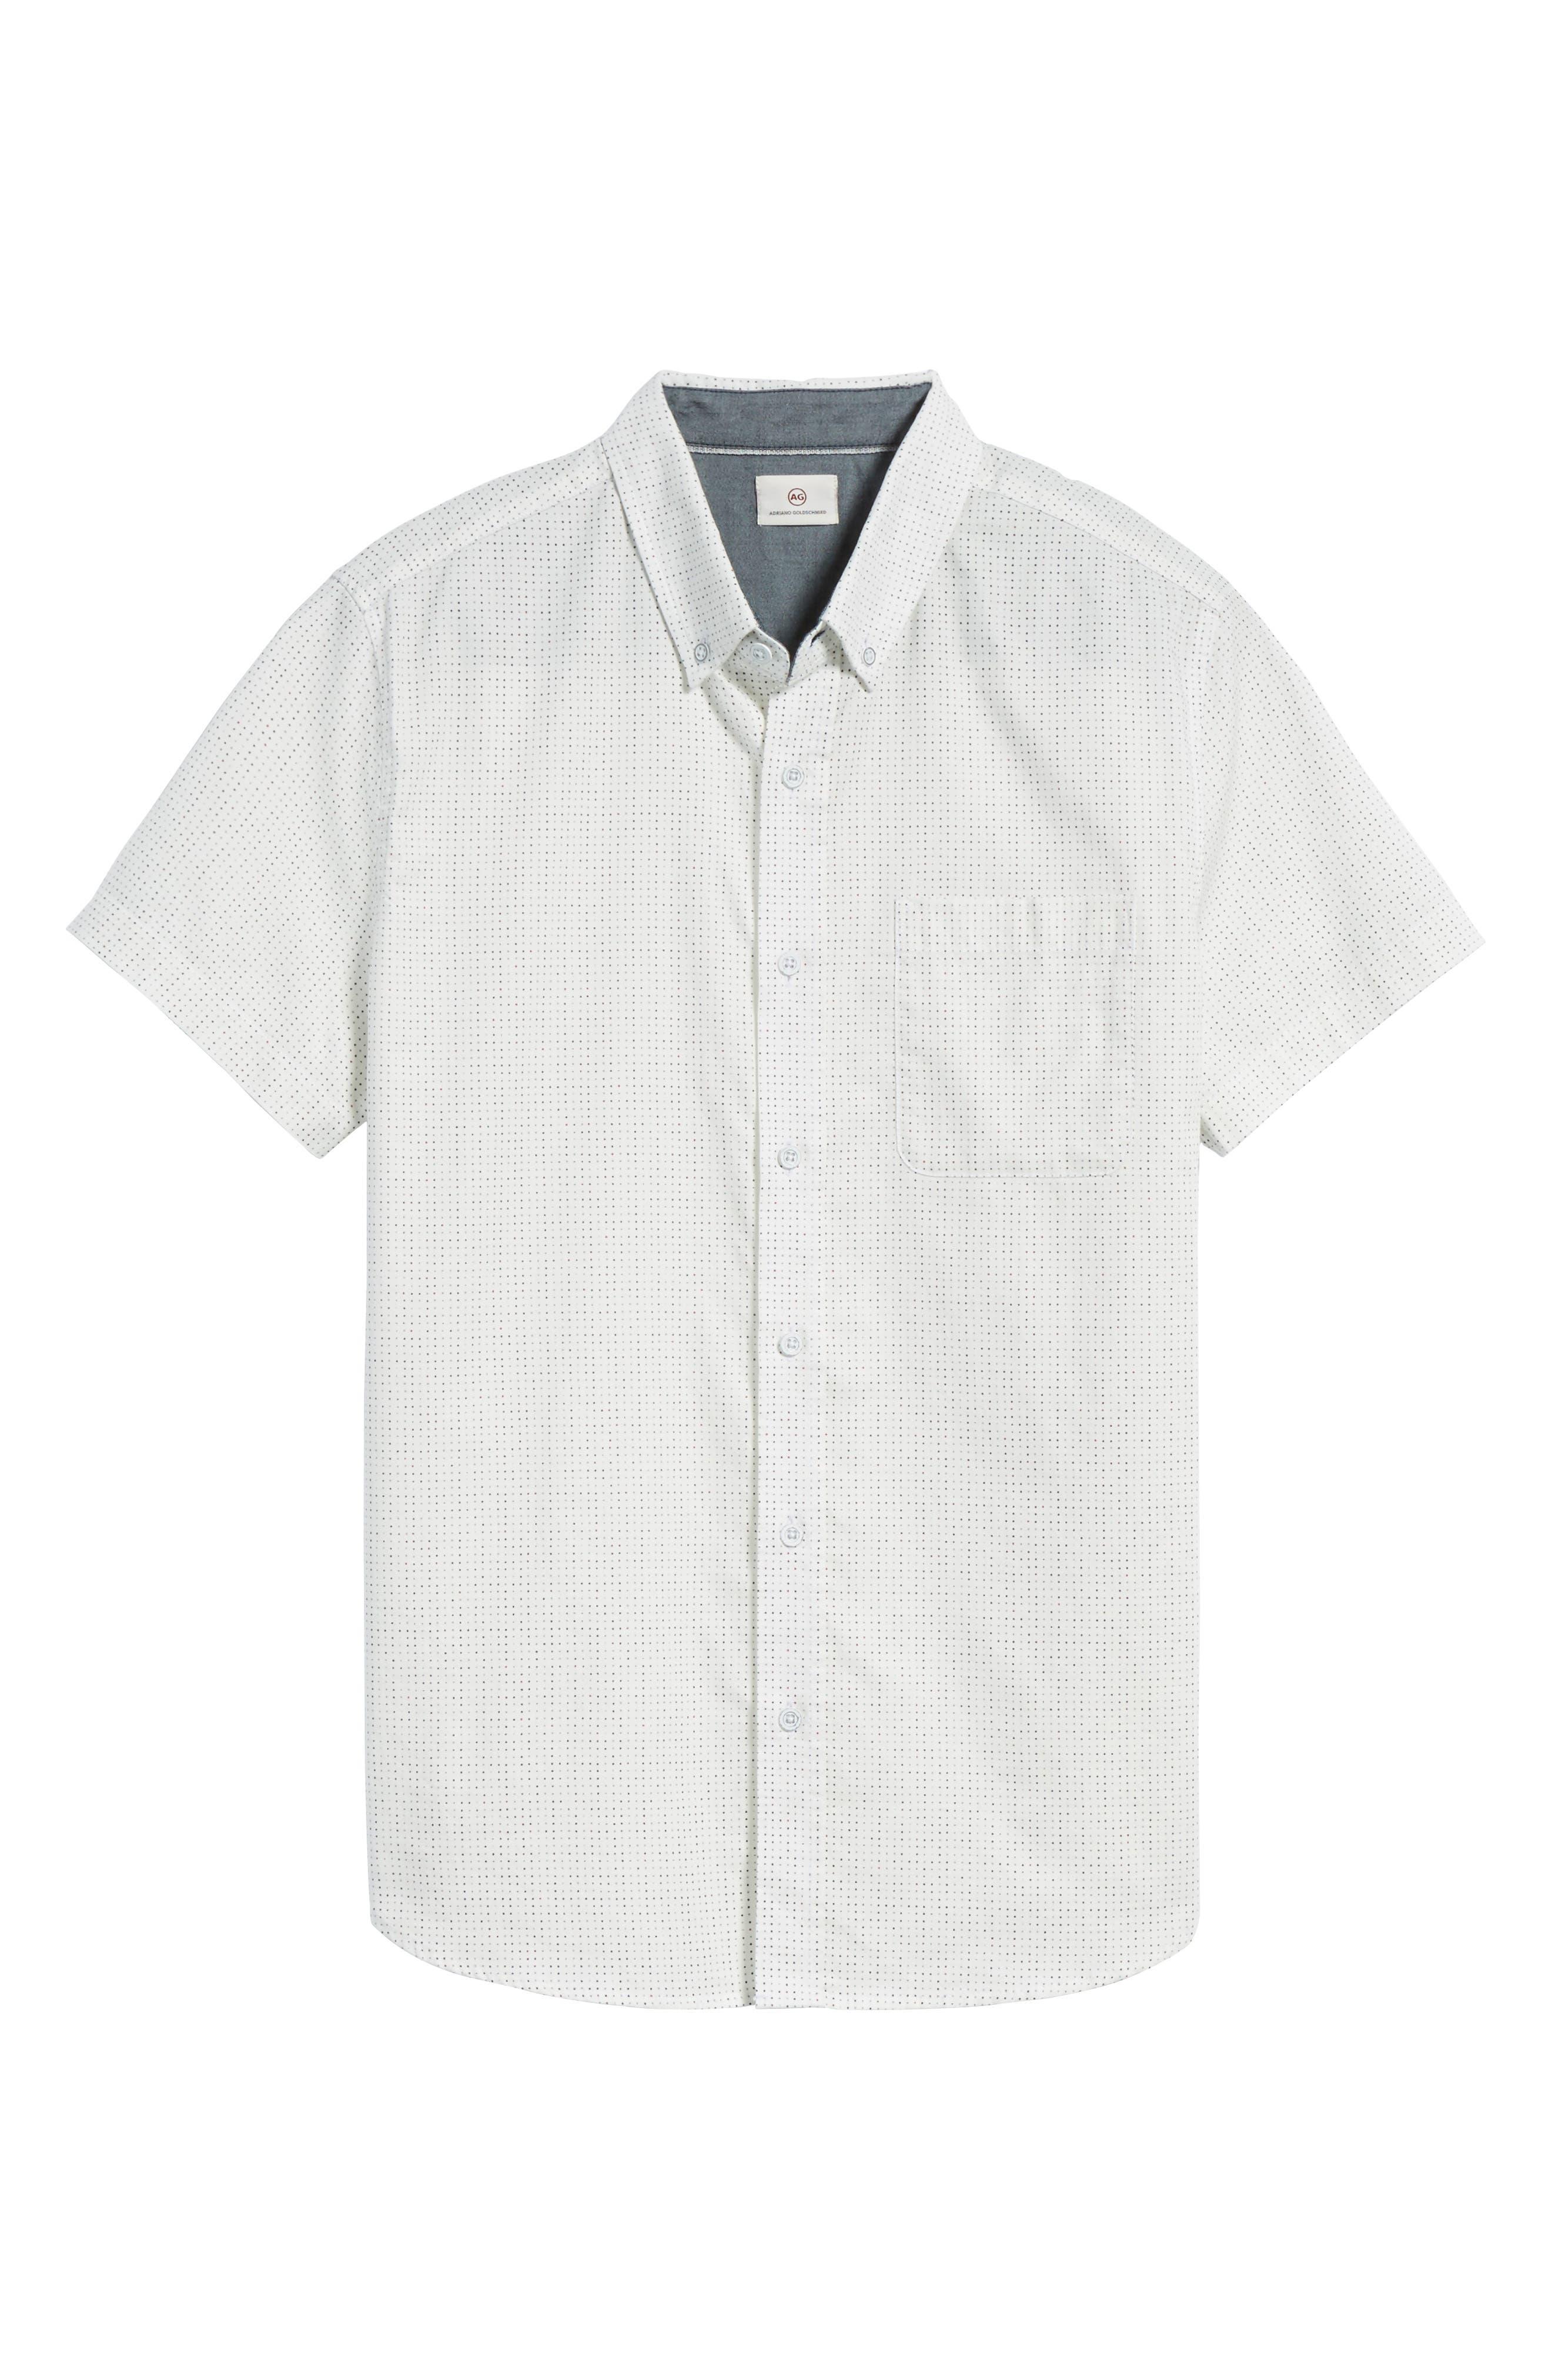 Nash Slim Fit Cotton Sport Shirt,                             Alternate thumbnail 6, color,                             100